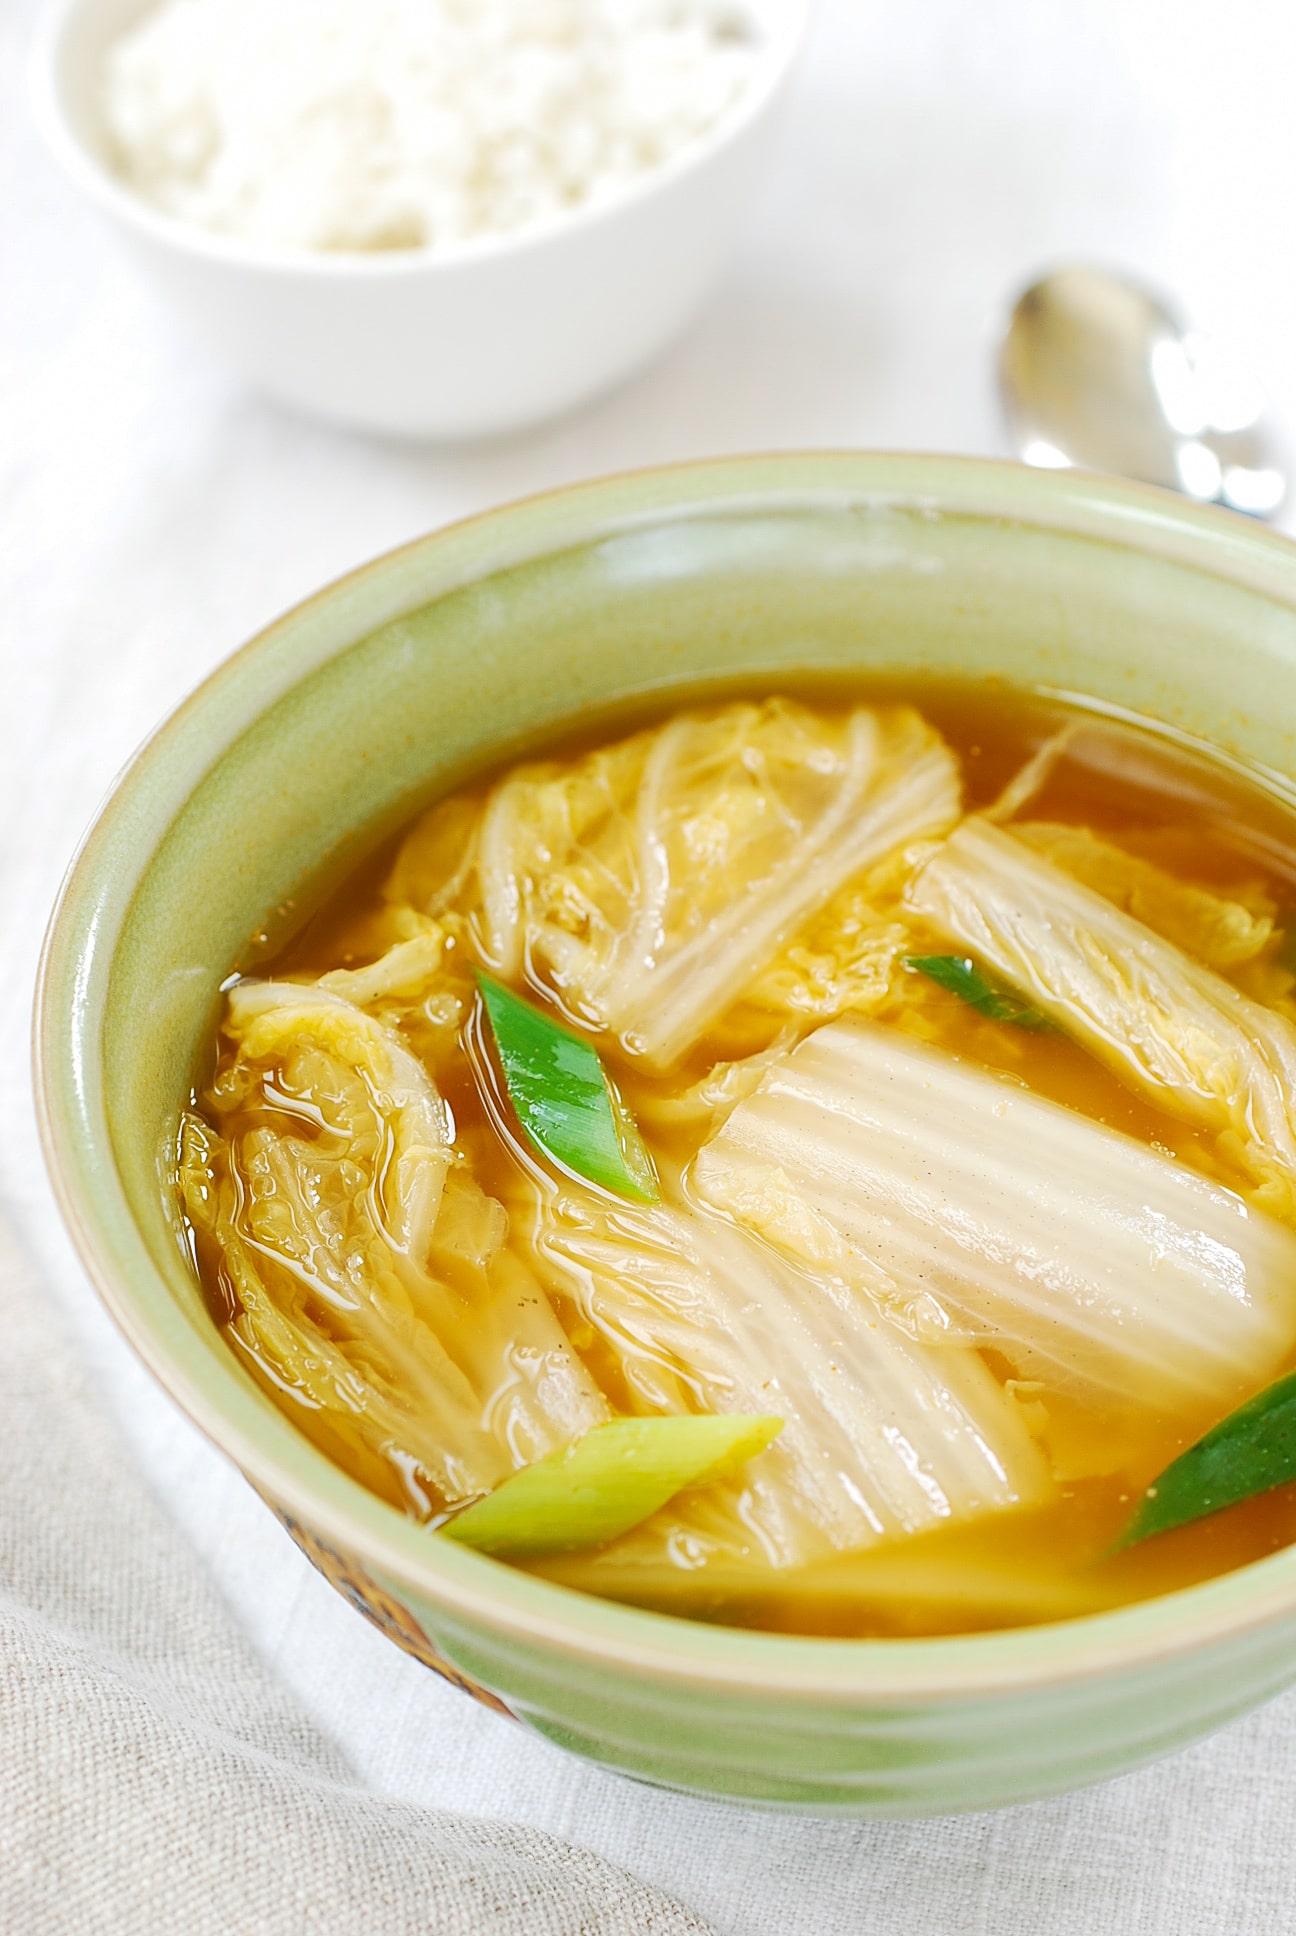 DSC 1853 1 - Baechu Doenjang Guk (Soybean Paste Soup)